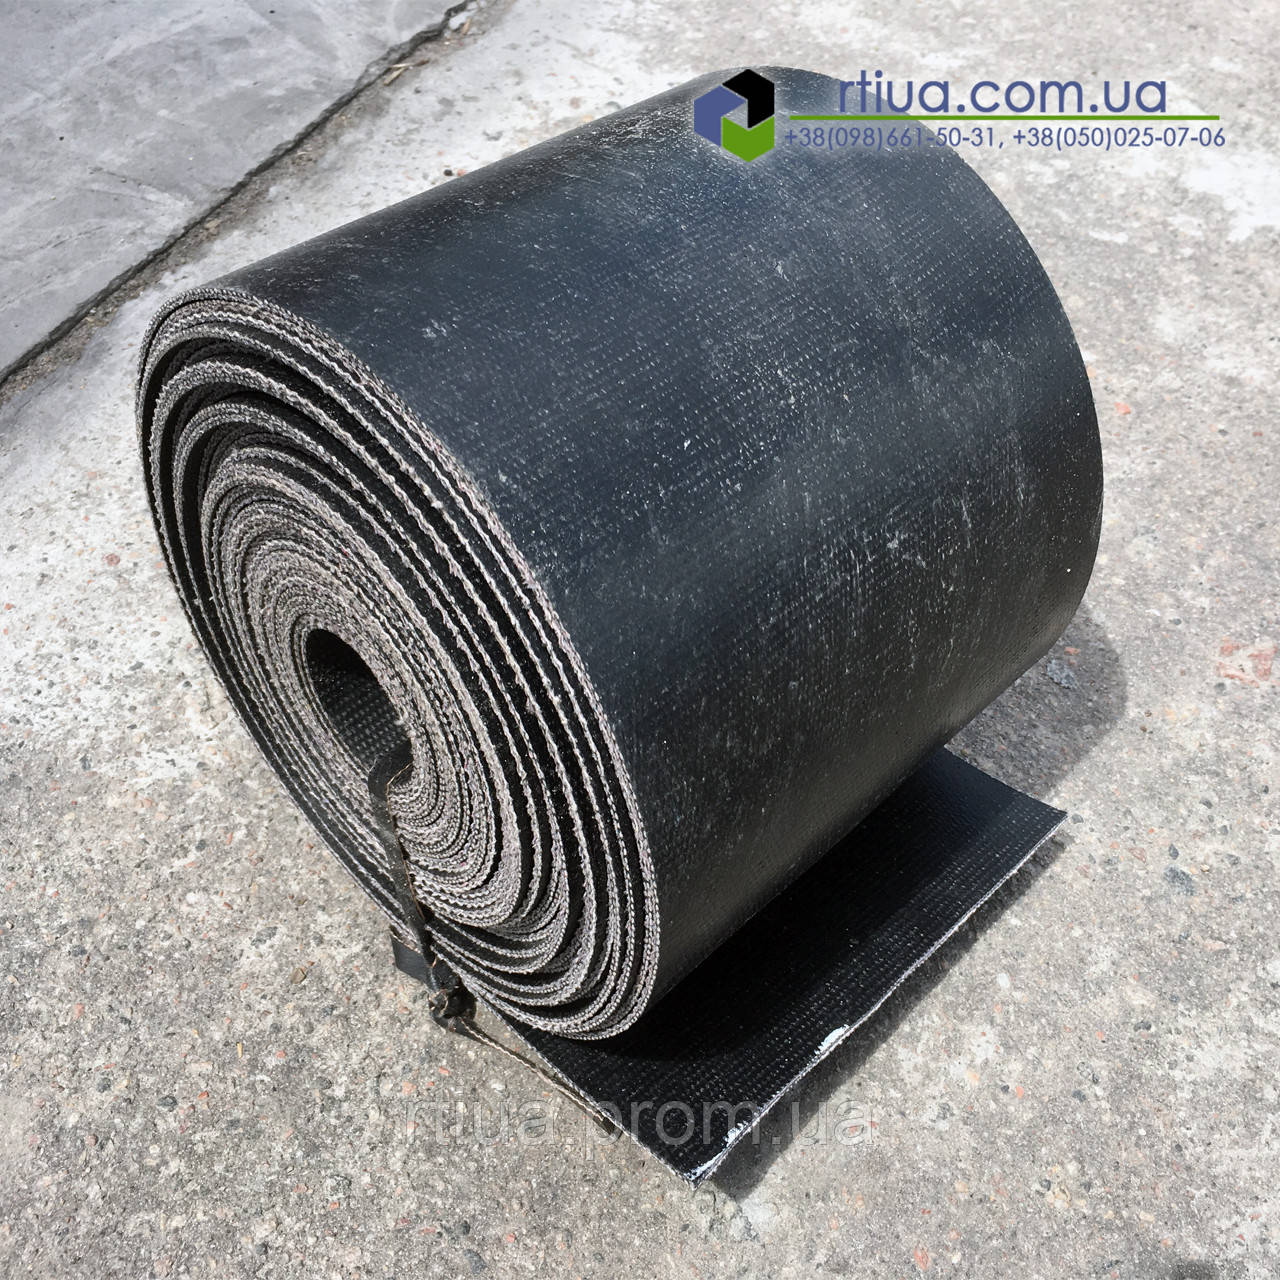 Транспортерная лента БКНЛ, 450х3 мм